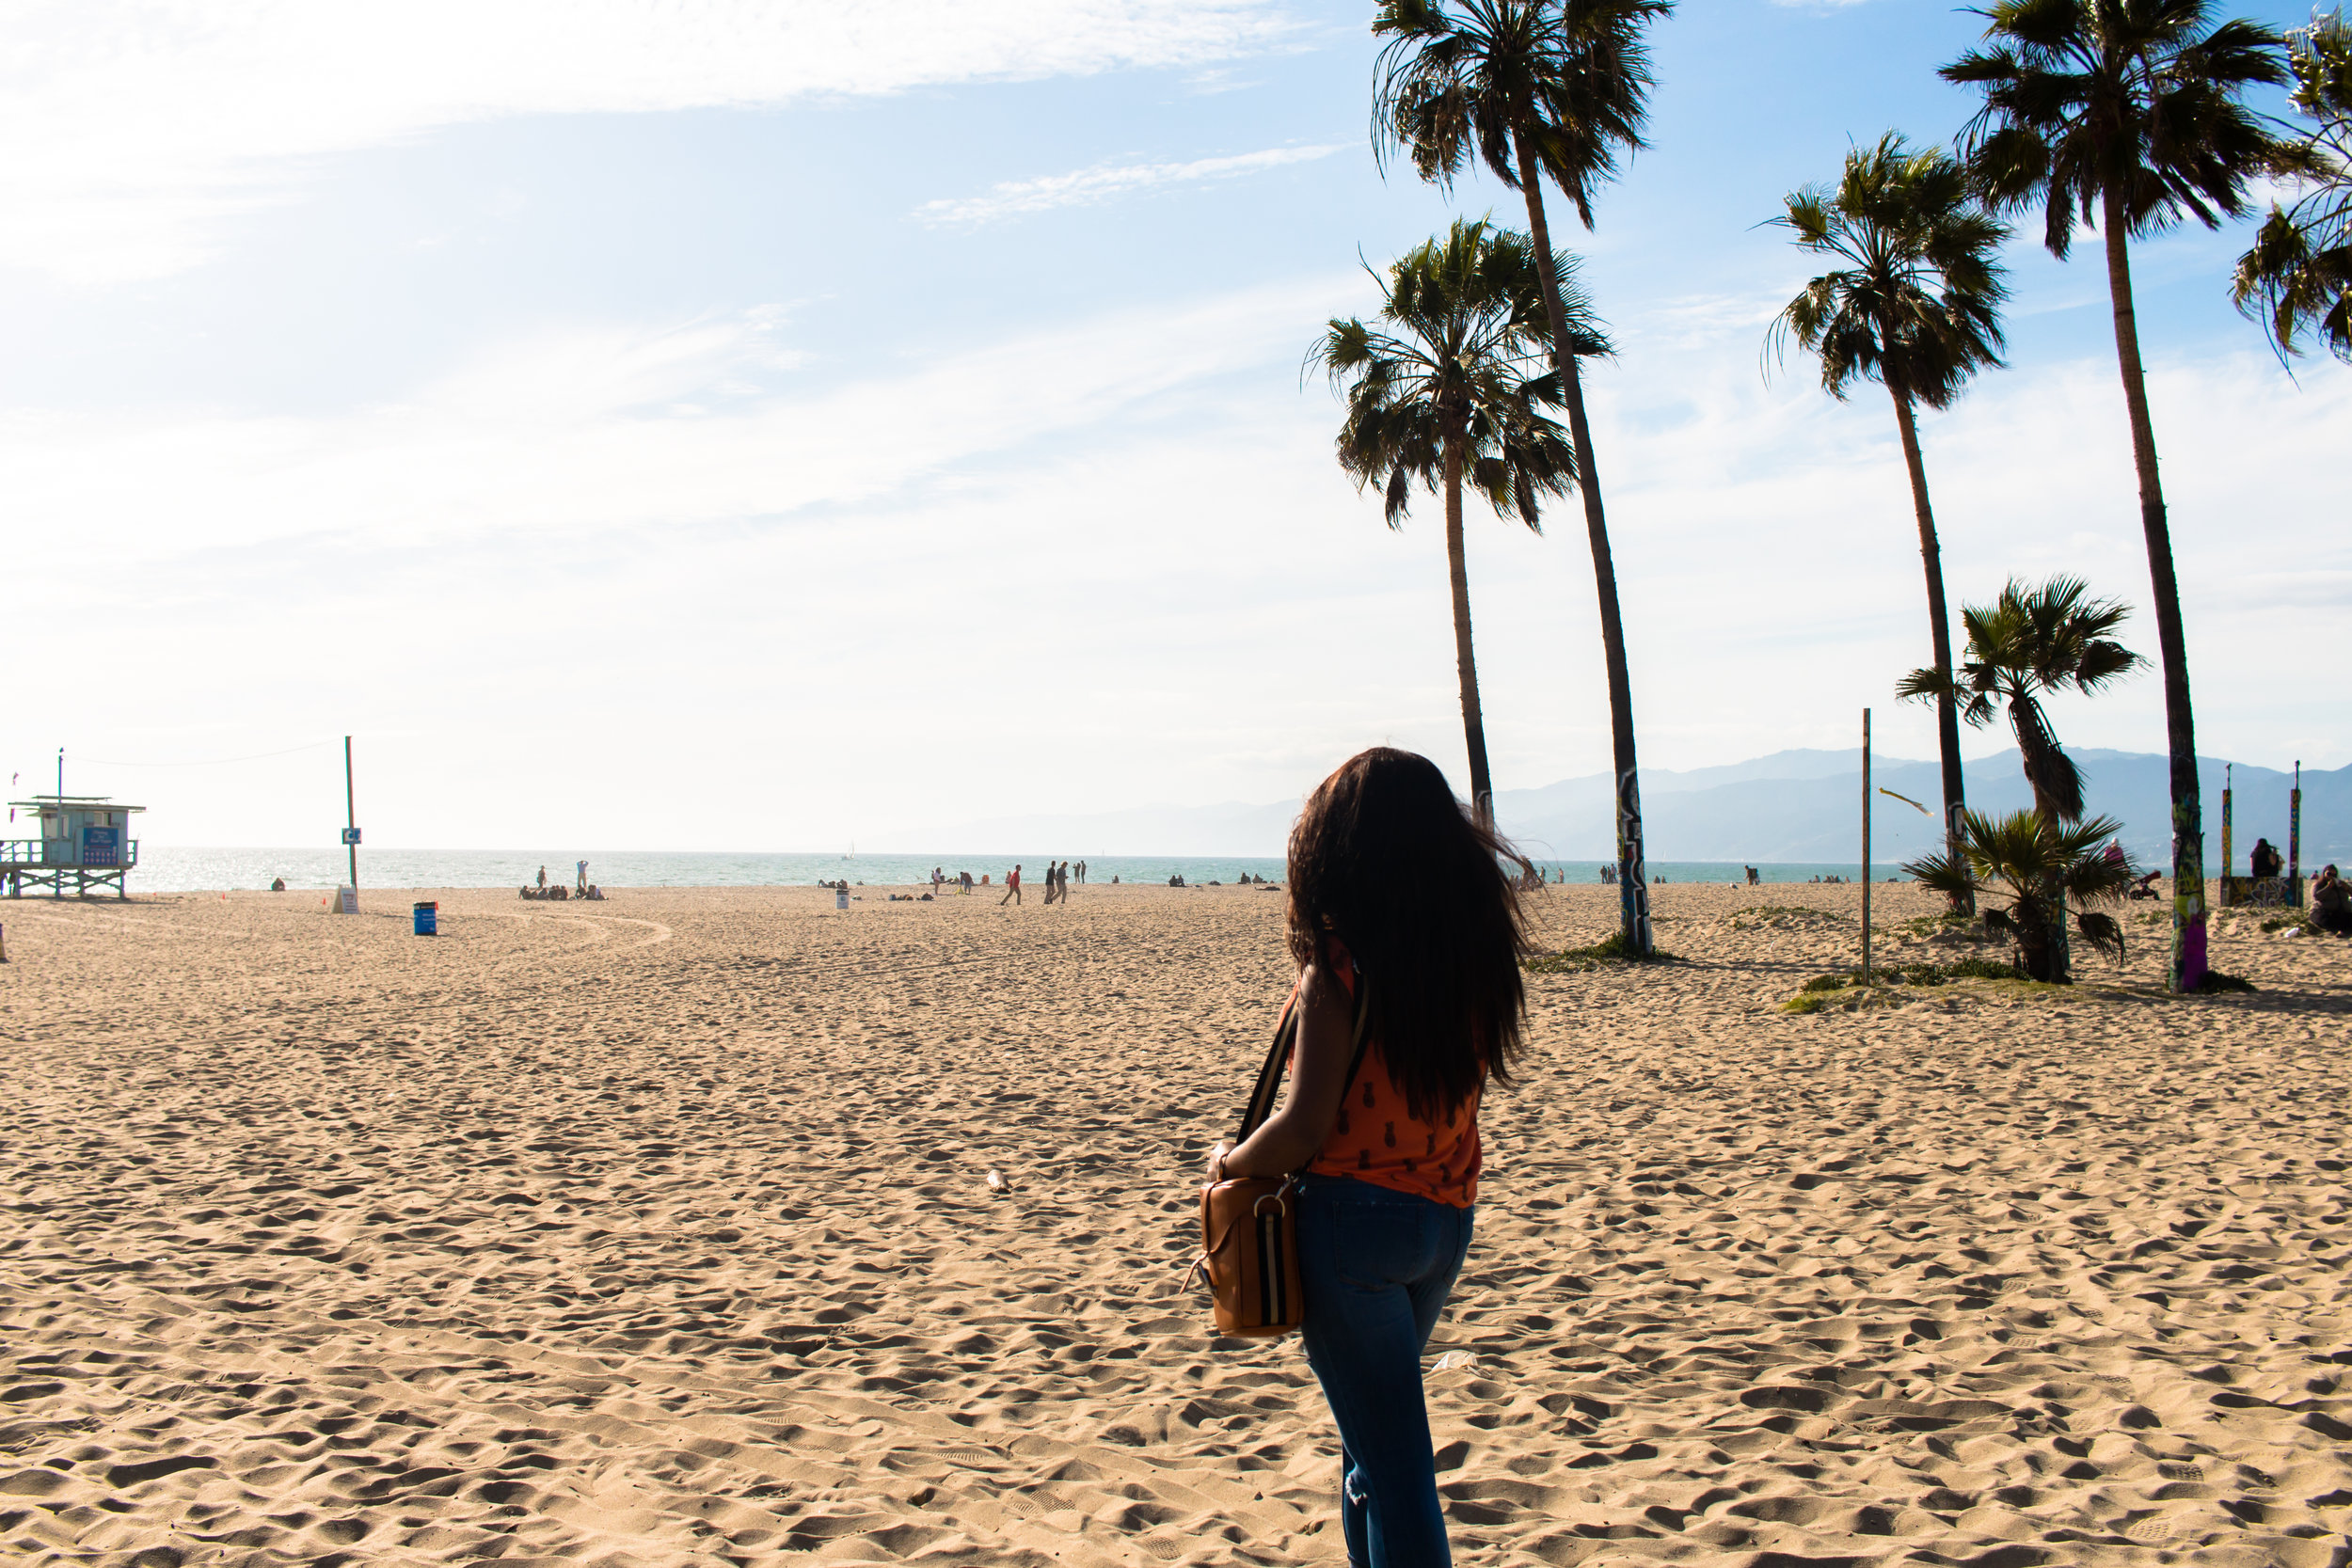 venice-beach-california-shot-busybeingshasha